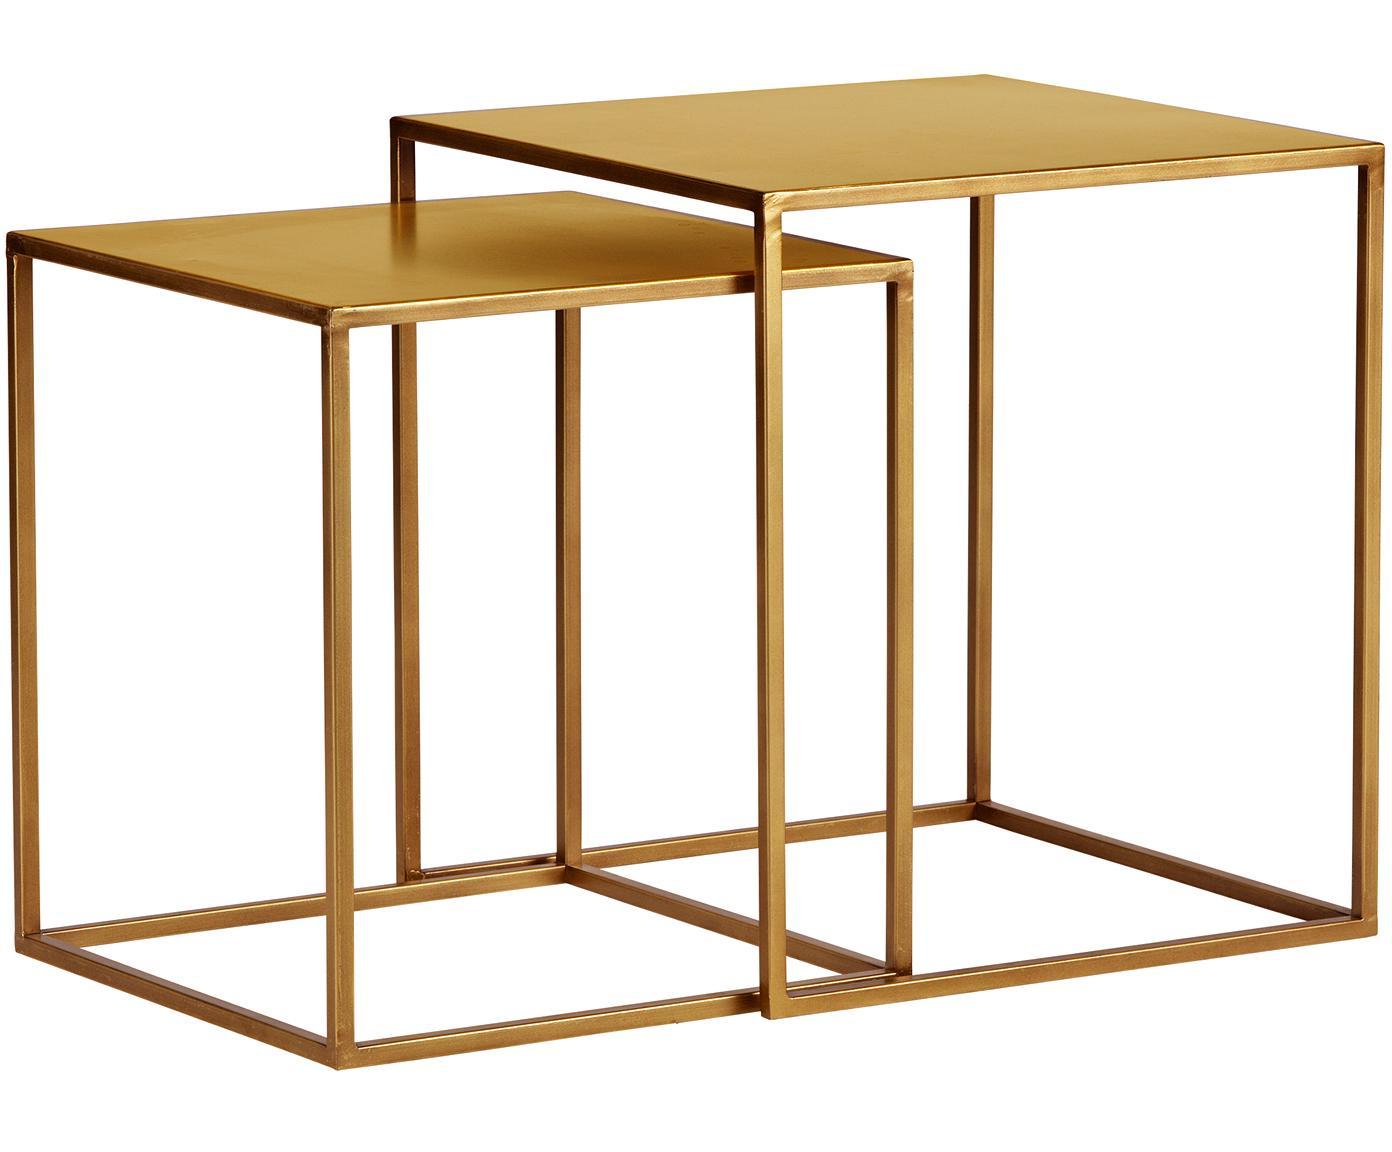 Komplet stolików pomocniczych z metalu Ziva, 2 elem., Metal lakierowany, Mosiądz z antycznym wykończeniem, Różne rozmiary